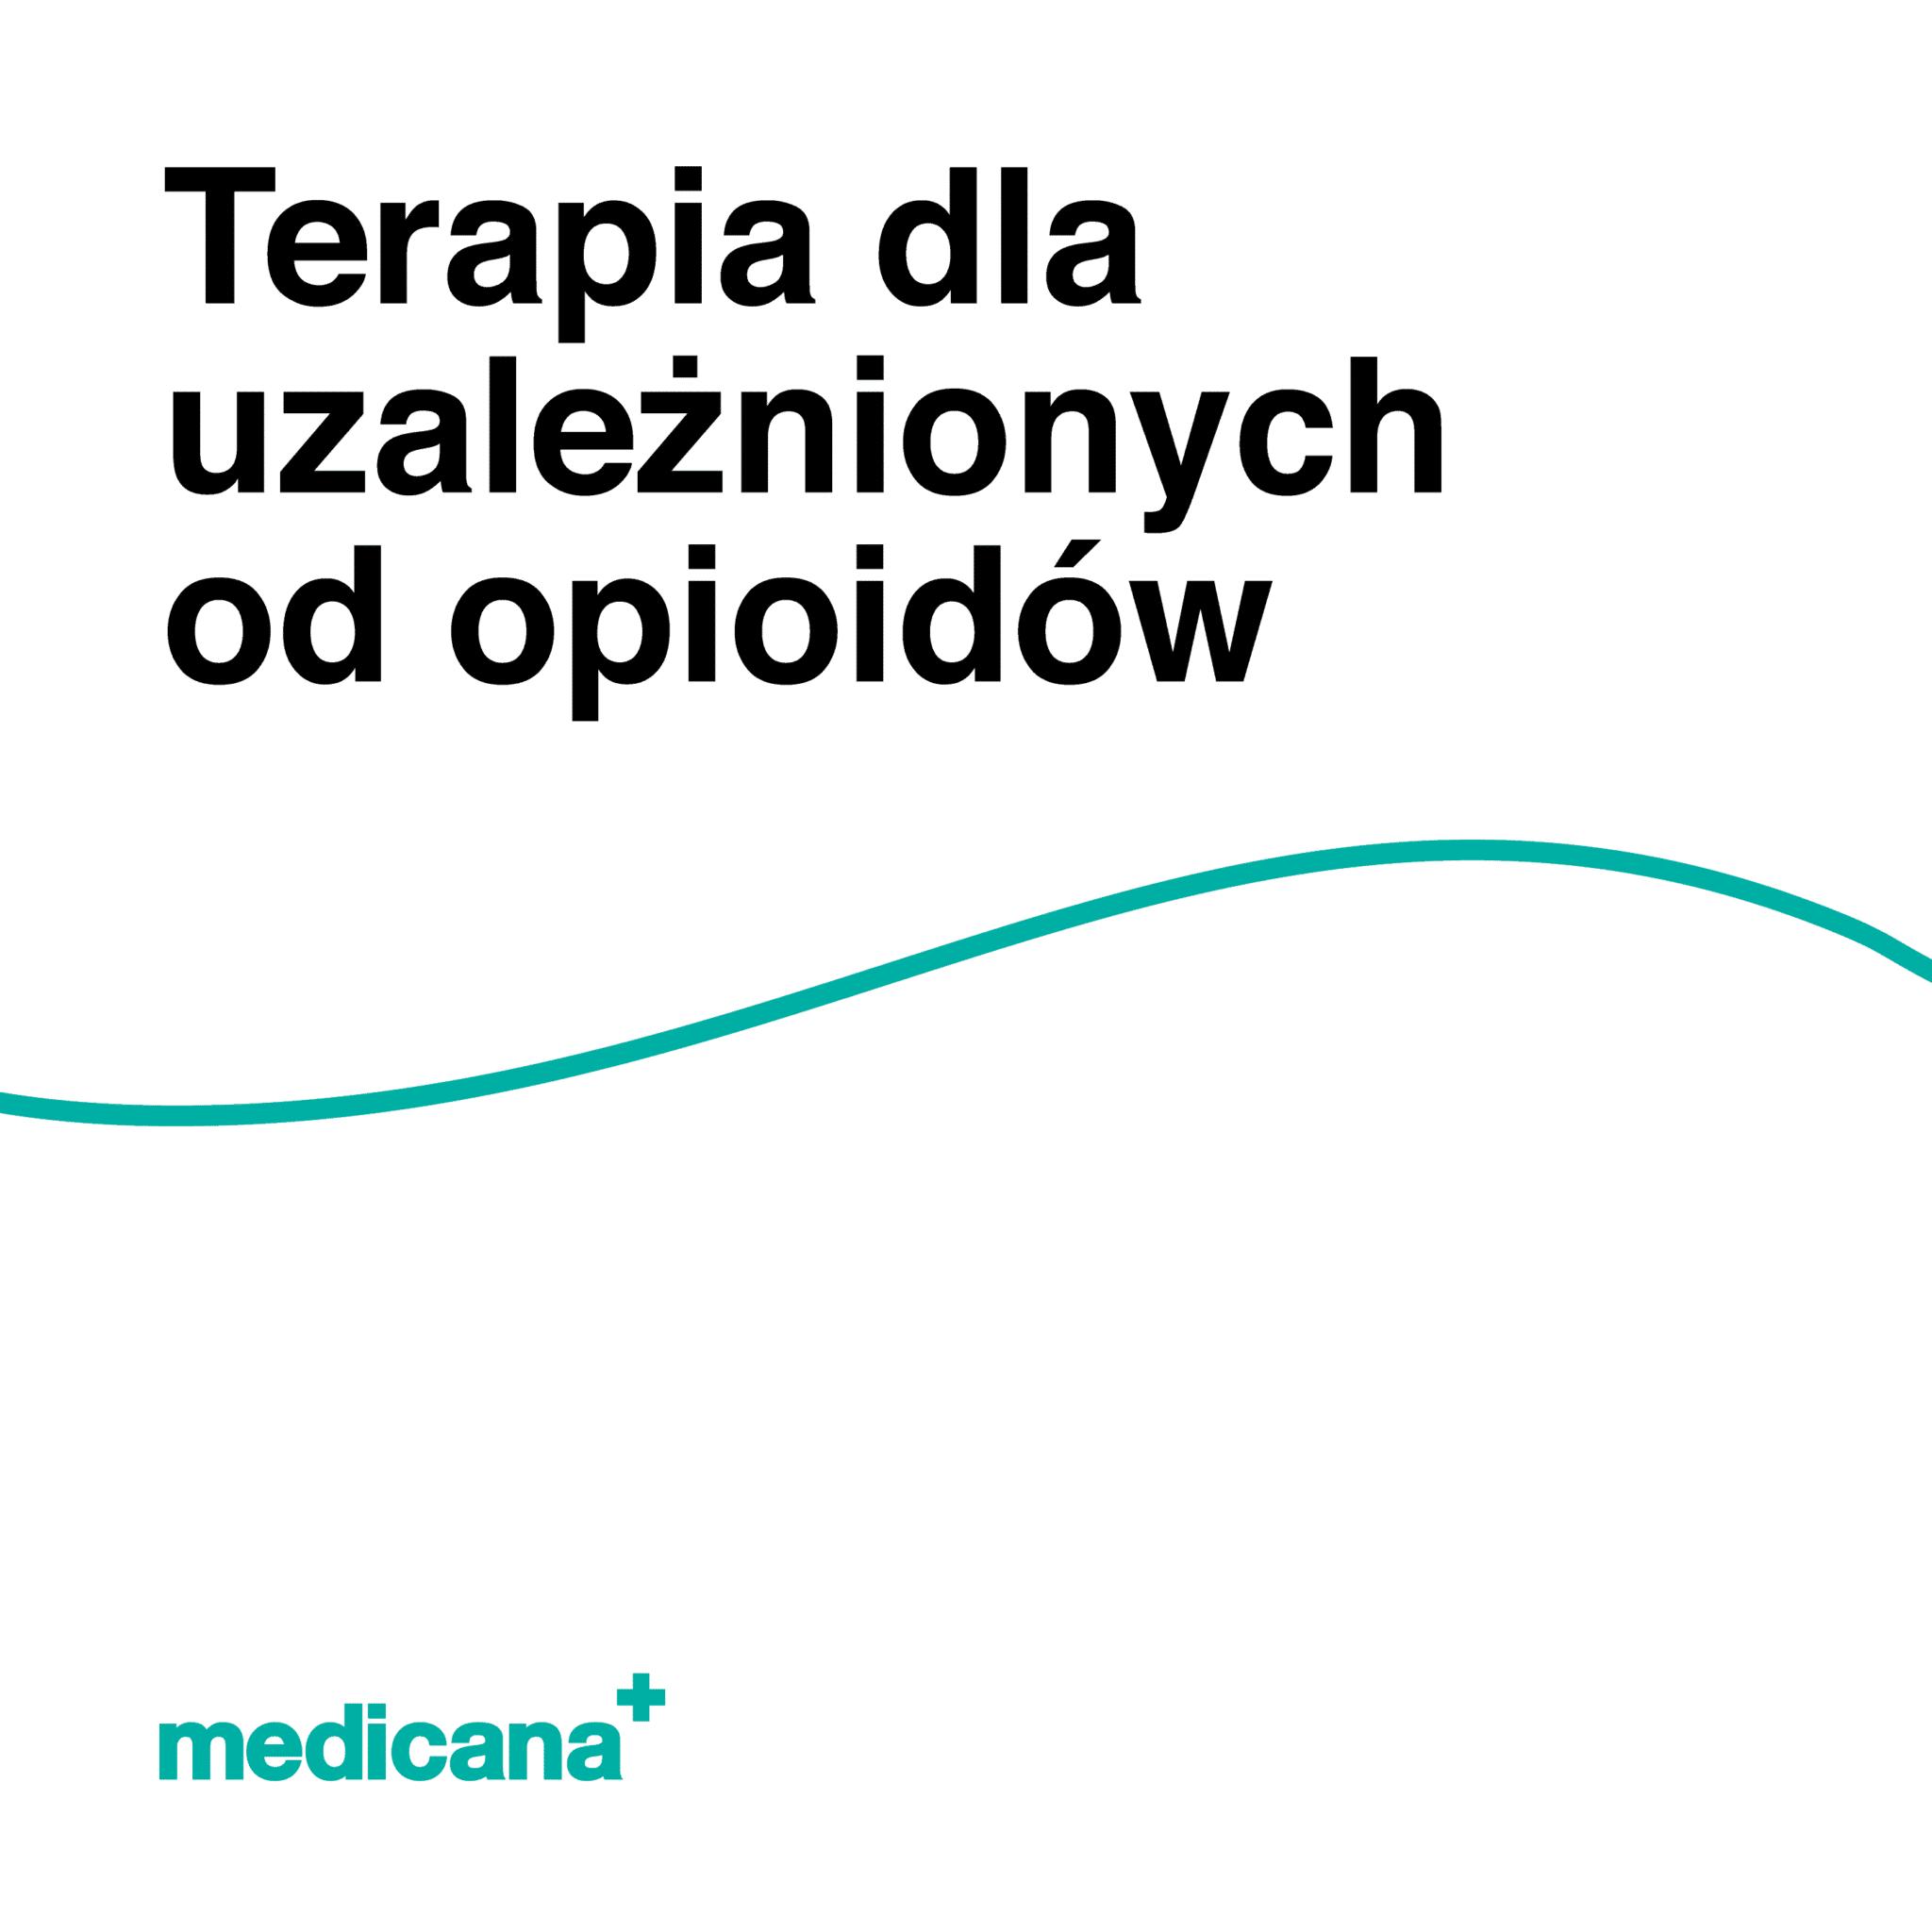 Grafika, białe tło z zieloną linią, czarnym napisem Terapia dla uzależnionych od opioidów oraz zielonym logo Medicana w lewym dolnym rogu.